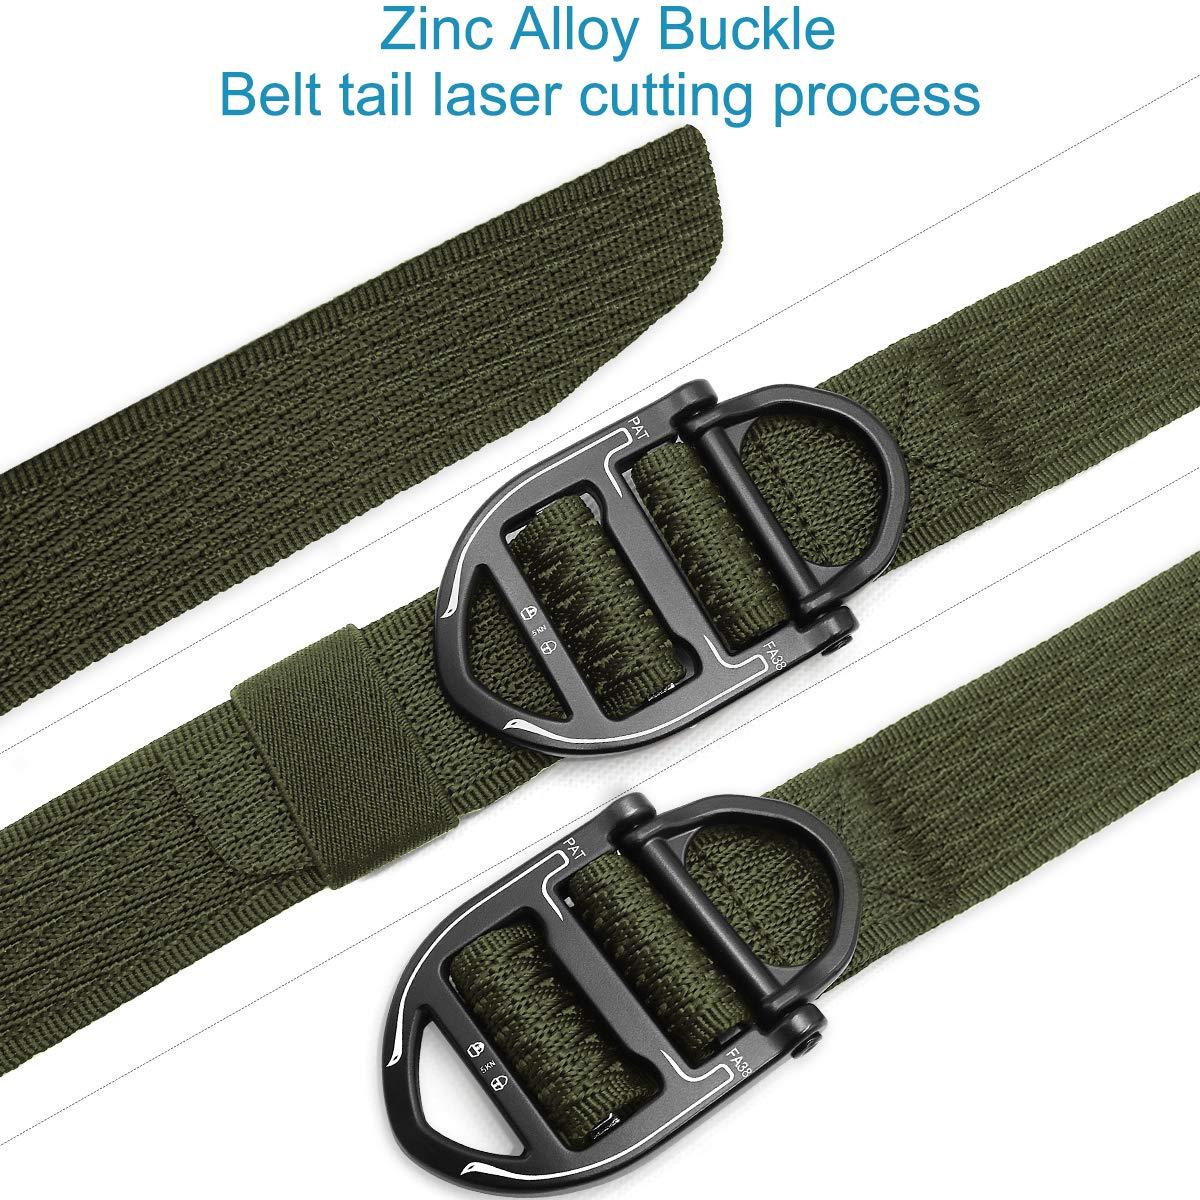 REETEE Cintur/ón T/áctico Nylon Cintur/ón T/áctico para Hombre y Mujer Cintura con Hebillas de Metal Militar Ajustable Cintura para Entrenamiento de Caza Ej/ército Que se Ejecuta